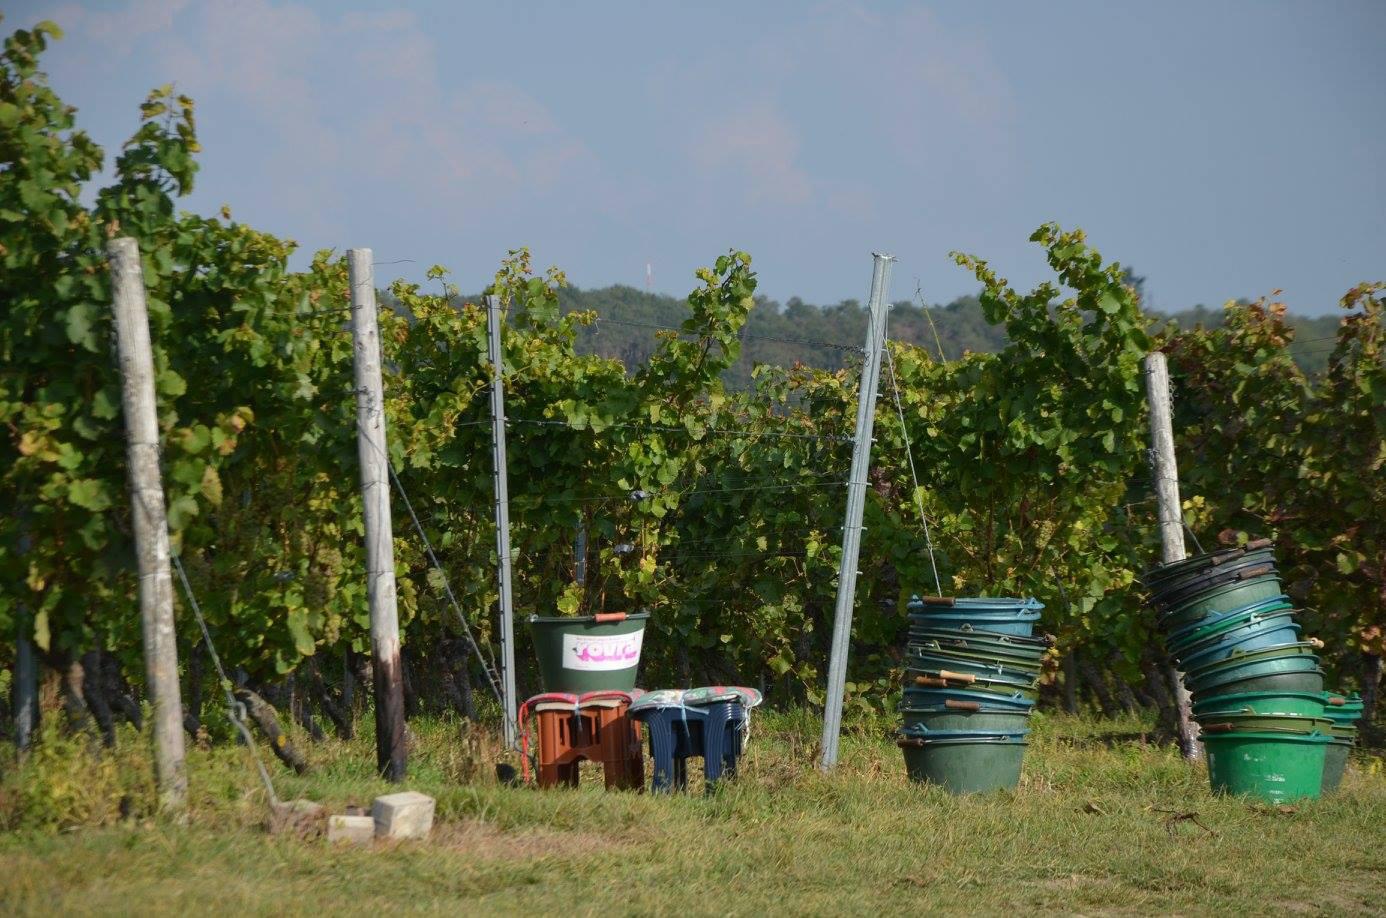 Eimer vor Weinberg bei der Traubenlese